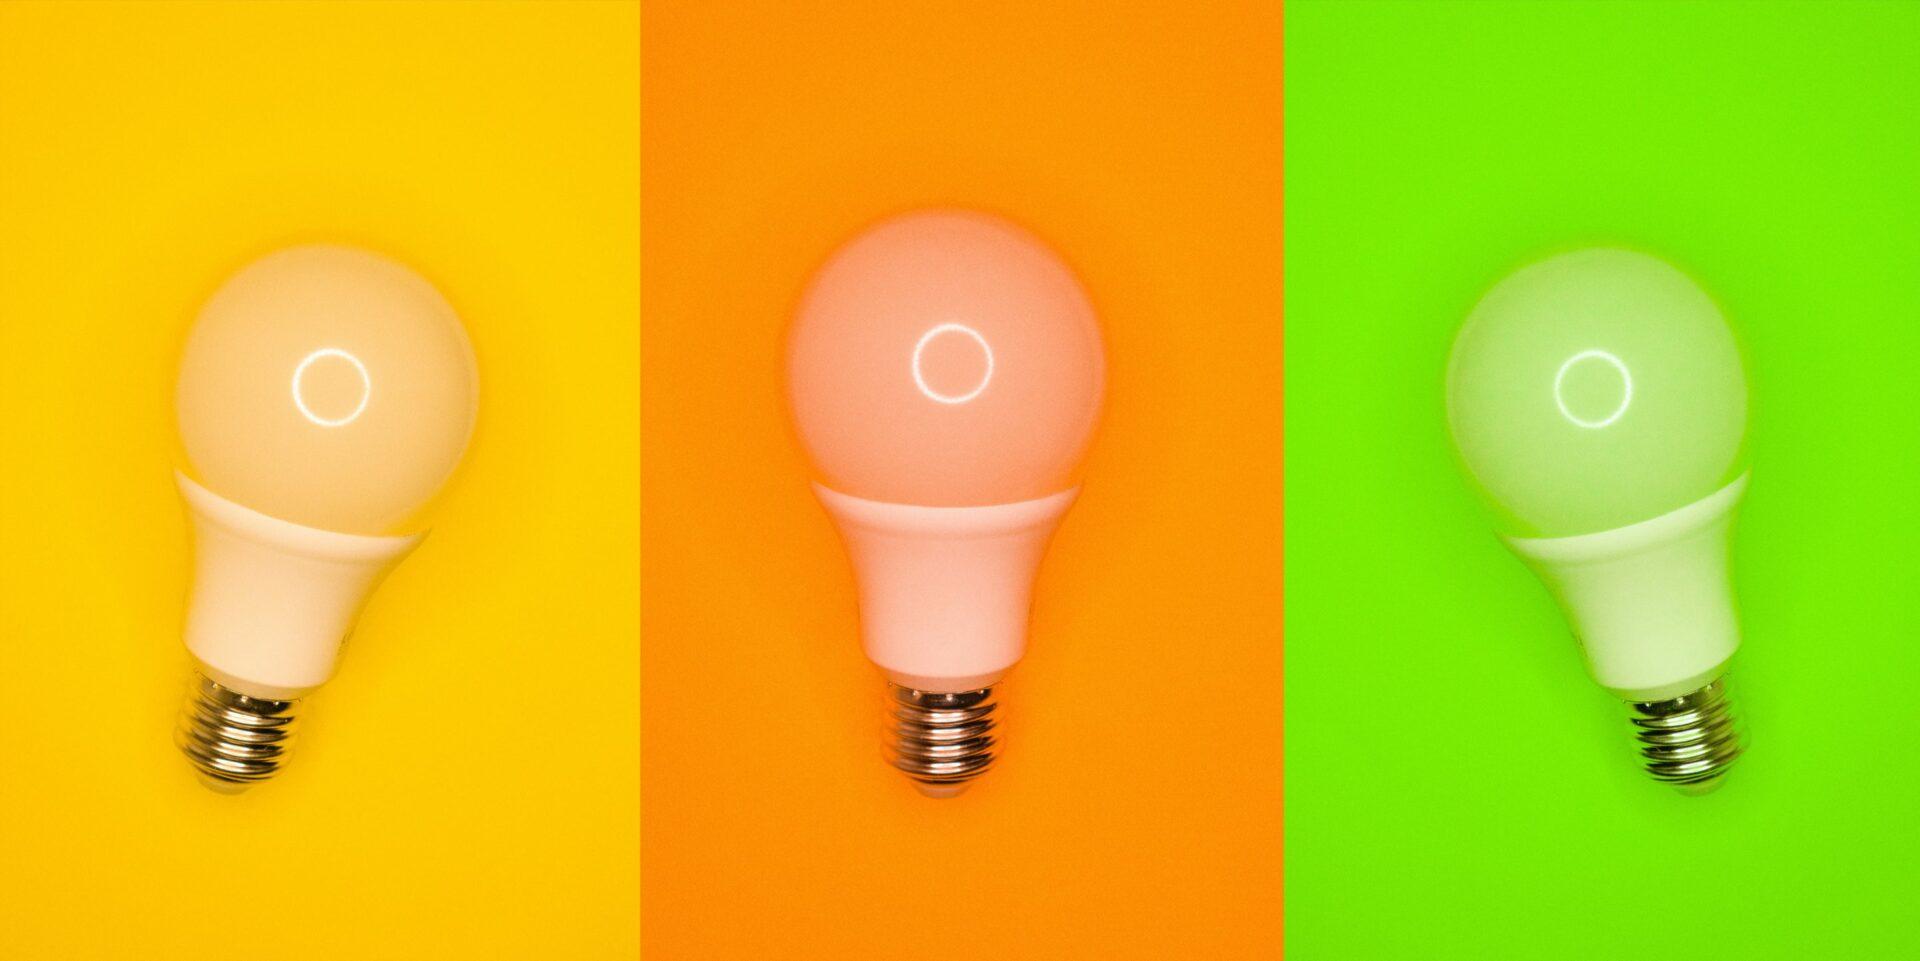 Still life three light bulbs